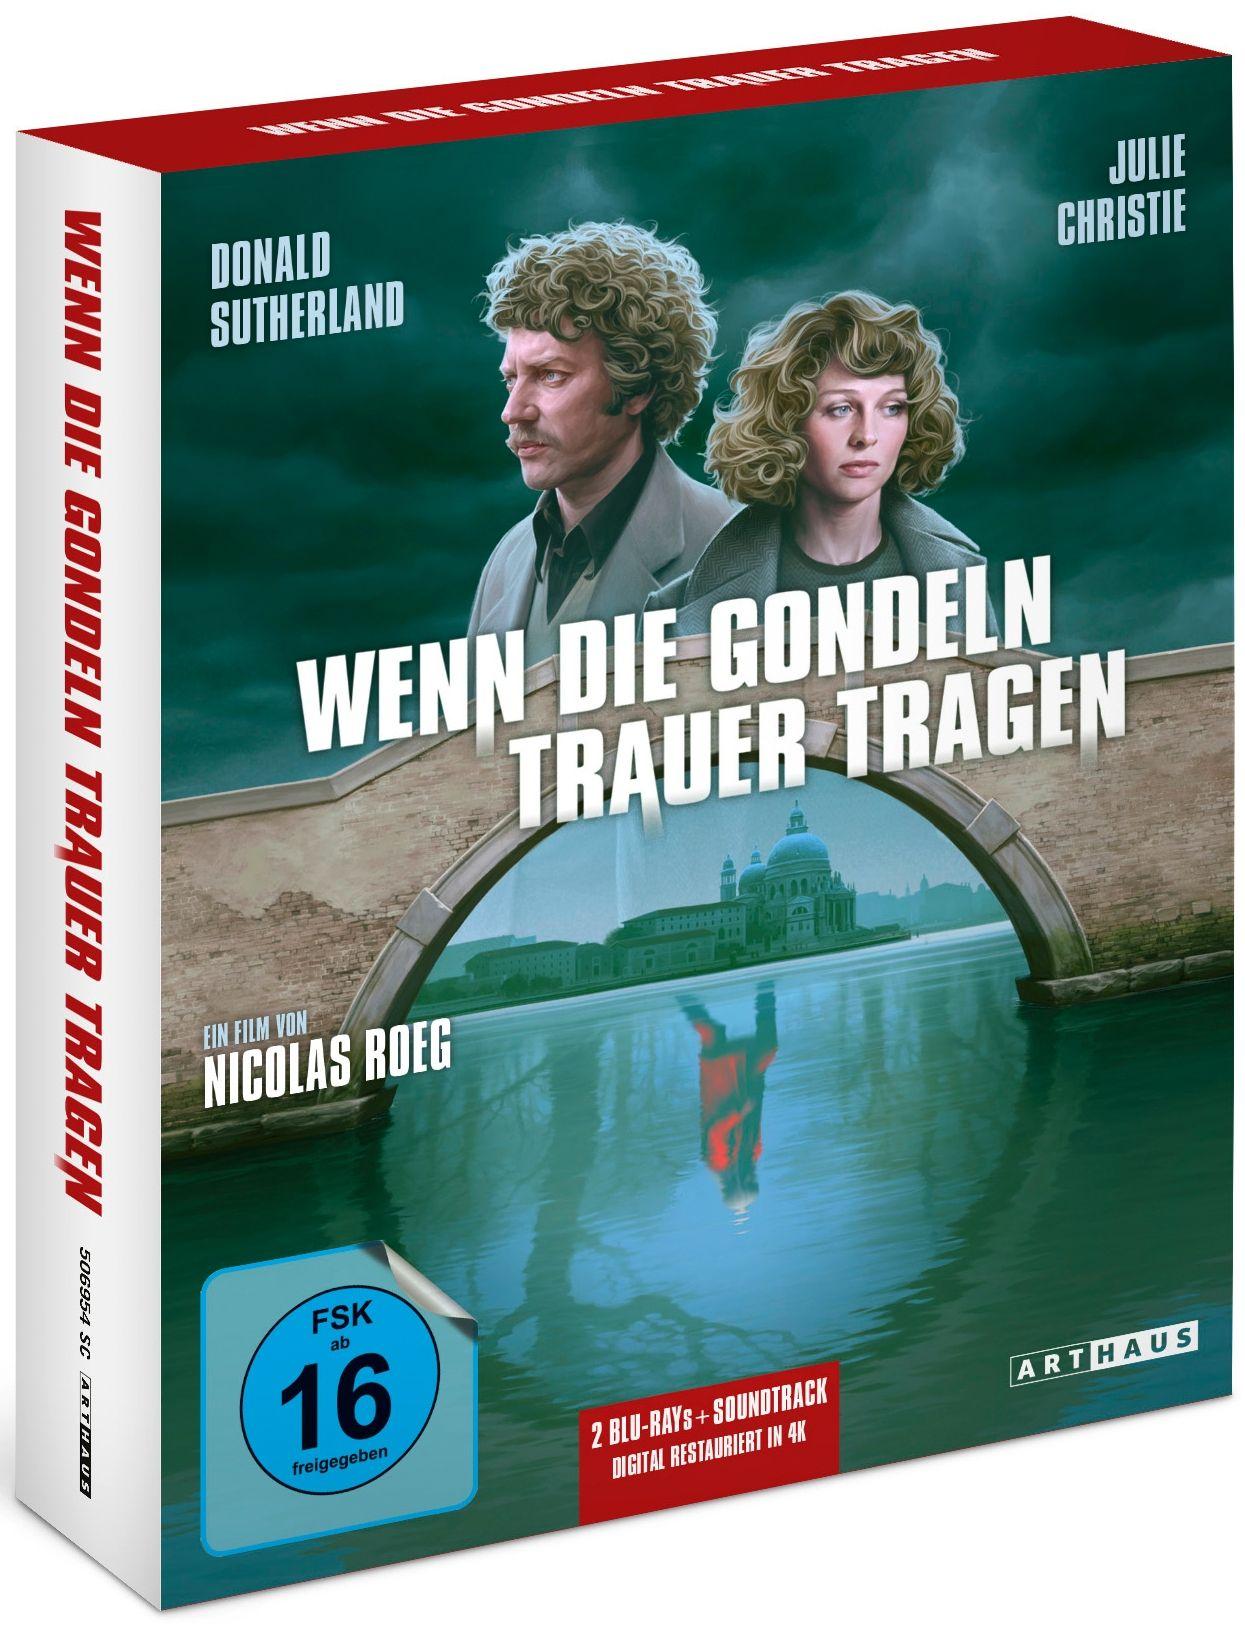 Wenn die Gondeln Trauer tragen (Lim. Soundtrack Edition) (4K Remastered) (3 Discs) (BLURAY)